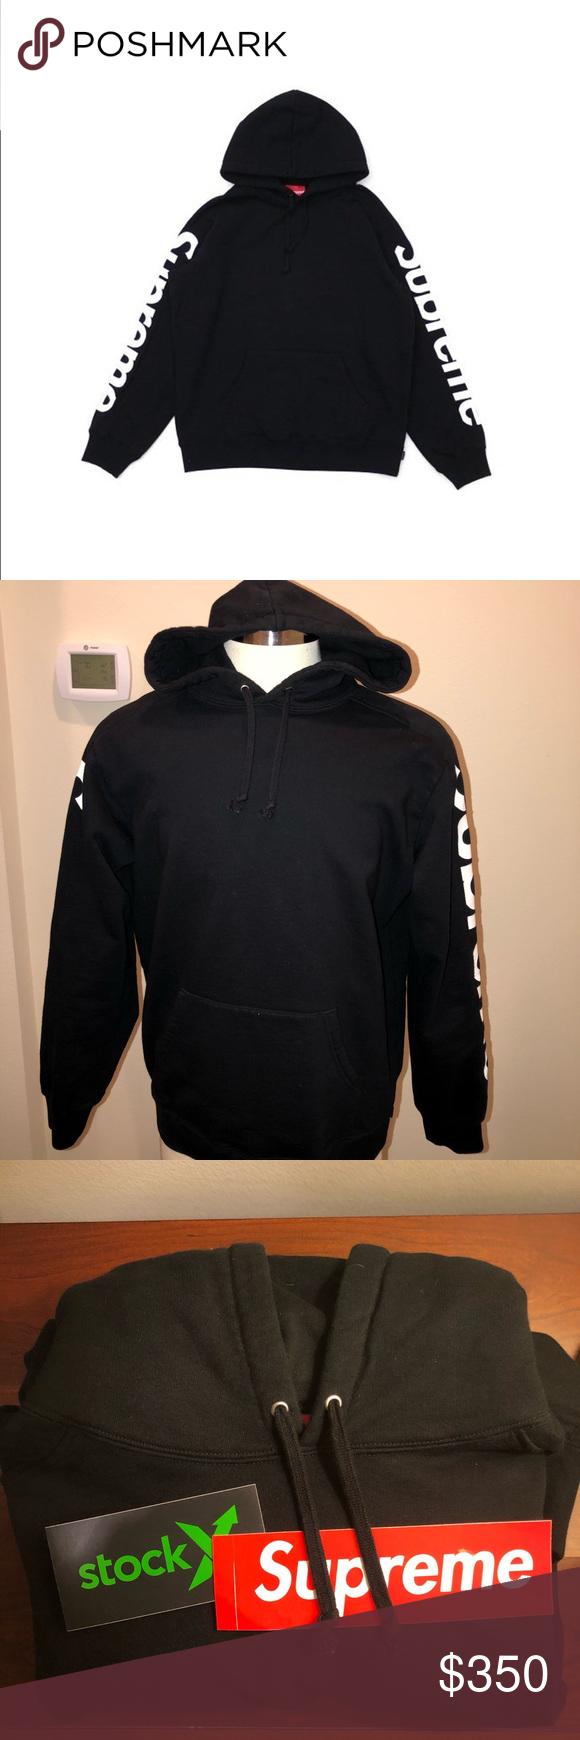 Supreme Sideline Hooded Men S Size Large Black Sweatshirts Supreme Shirt Sweatshirt Shirt [ 1740 x 580 Pixel ]